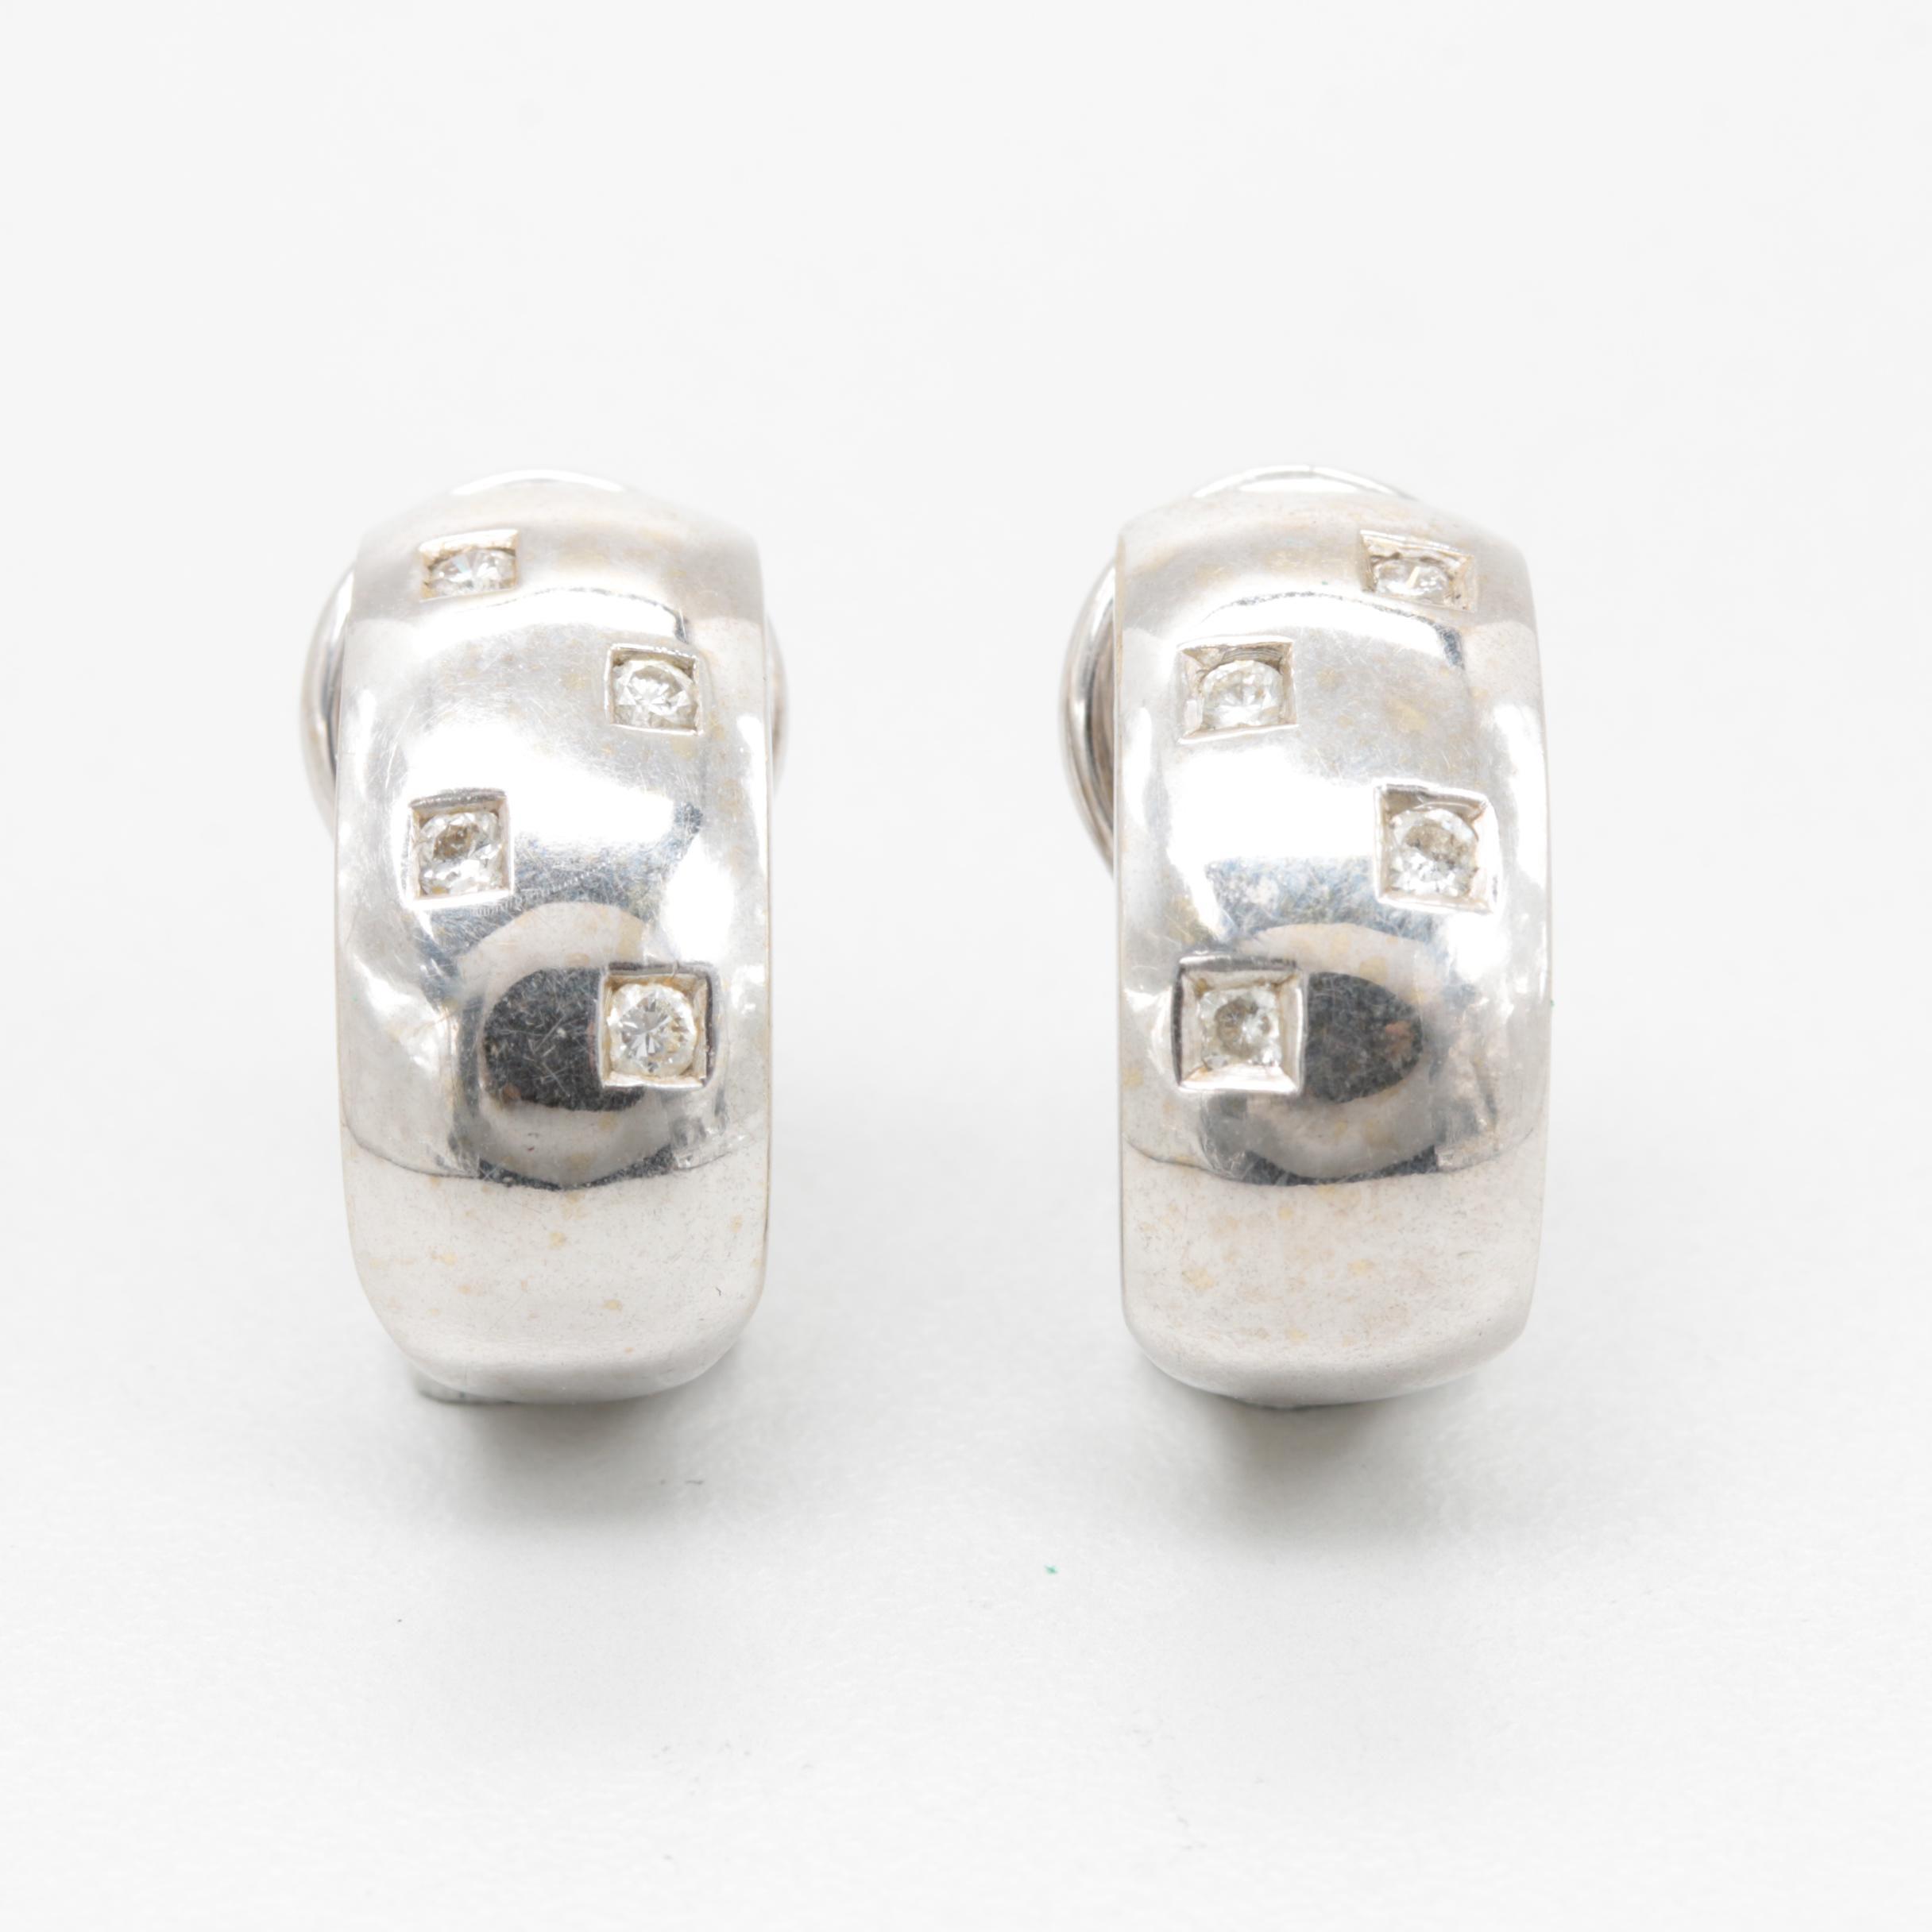 14K White Gold Diamond Accented J-Hoop Omega Back Earrings